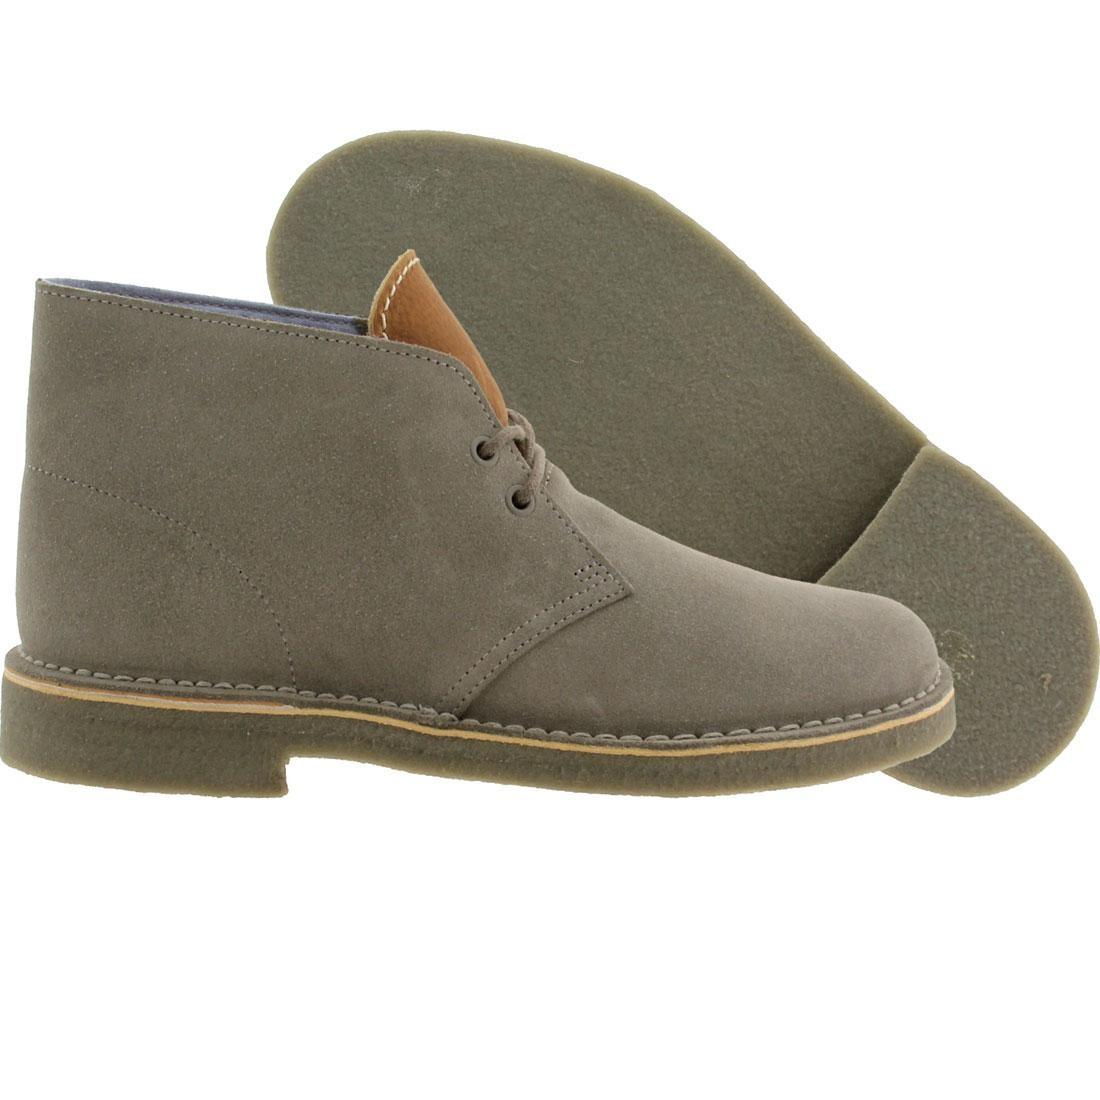 【海外限定】クラークス サプライ メンズ靴 スニーカー 【 SUPPLY CLARKS X HERSCHEL CO MEN DESERT BOOTS GRAY SUEDE 】